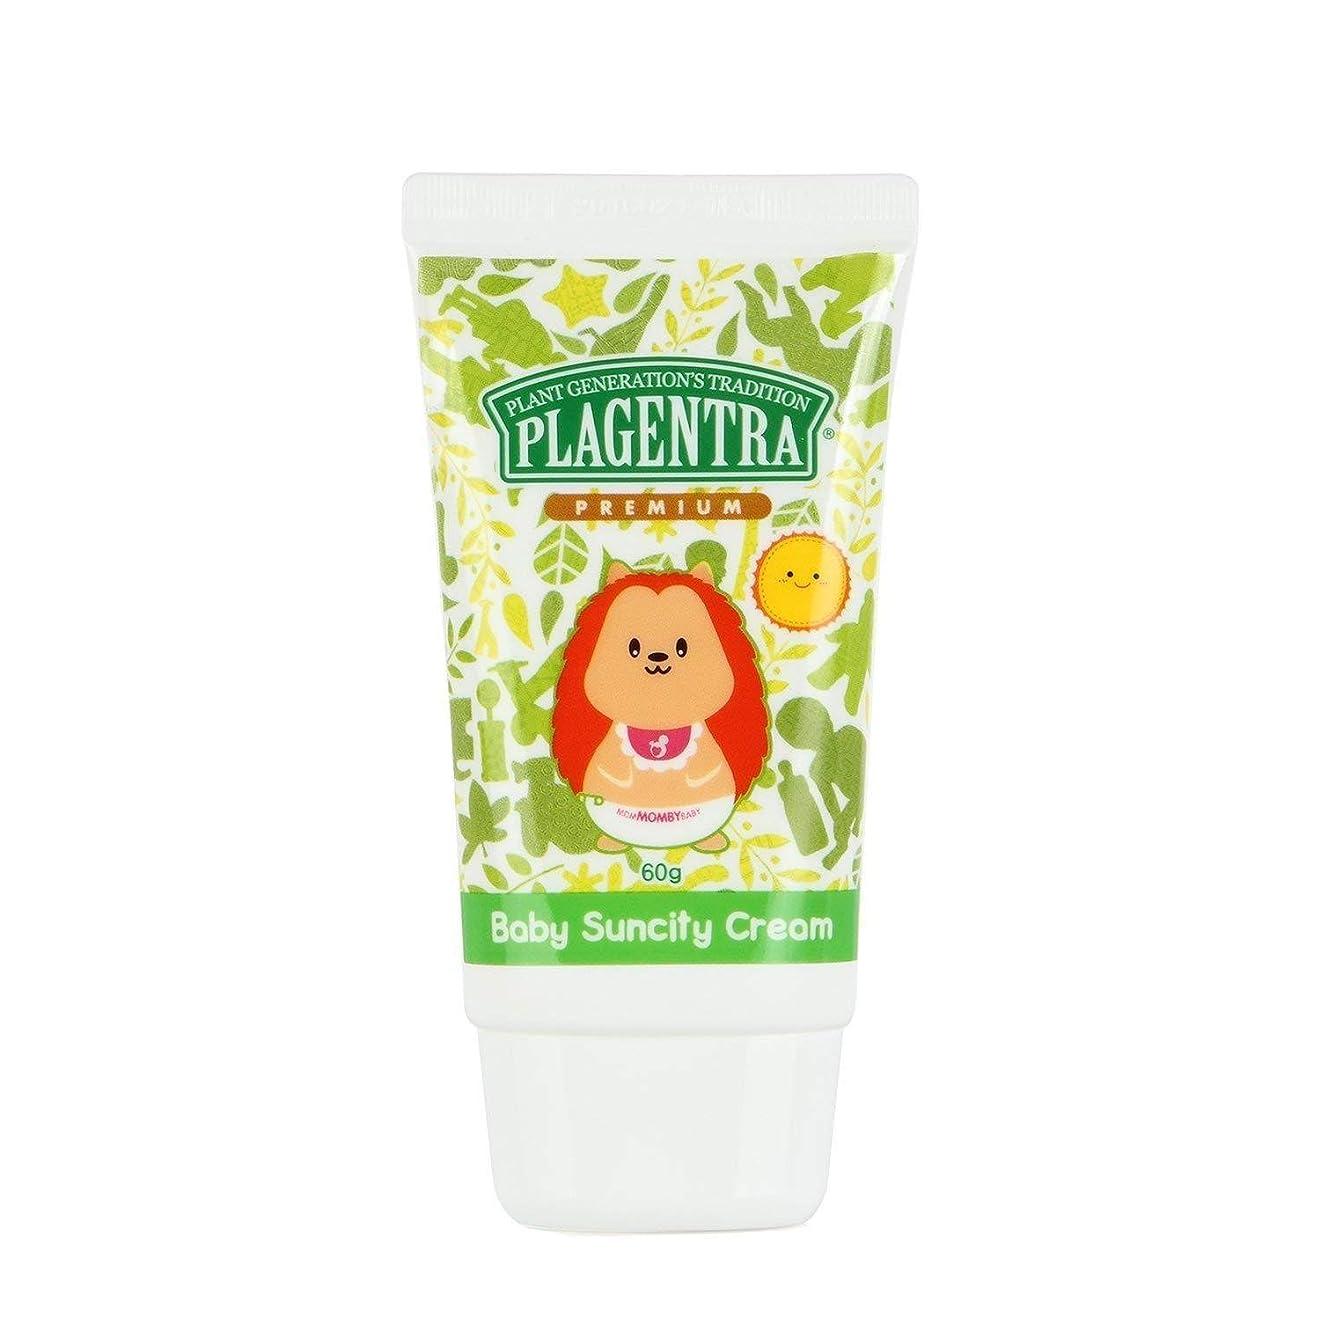 殺人富たぶん[ PLAGENTRA ] Baby Suncity Cream (60g) Natural Sunscreen 韓国 日焼け止め